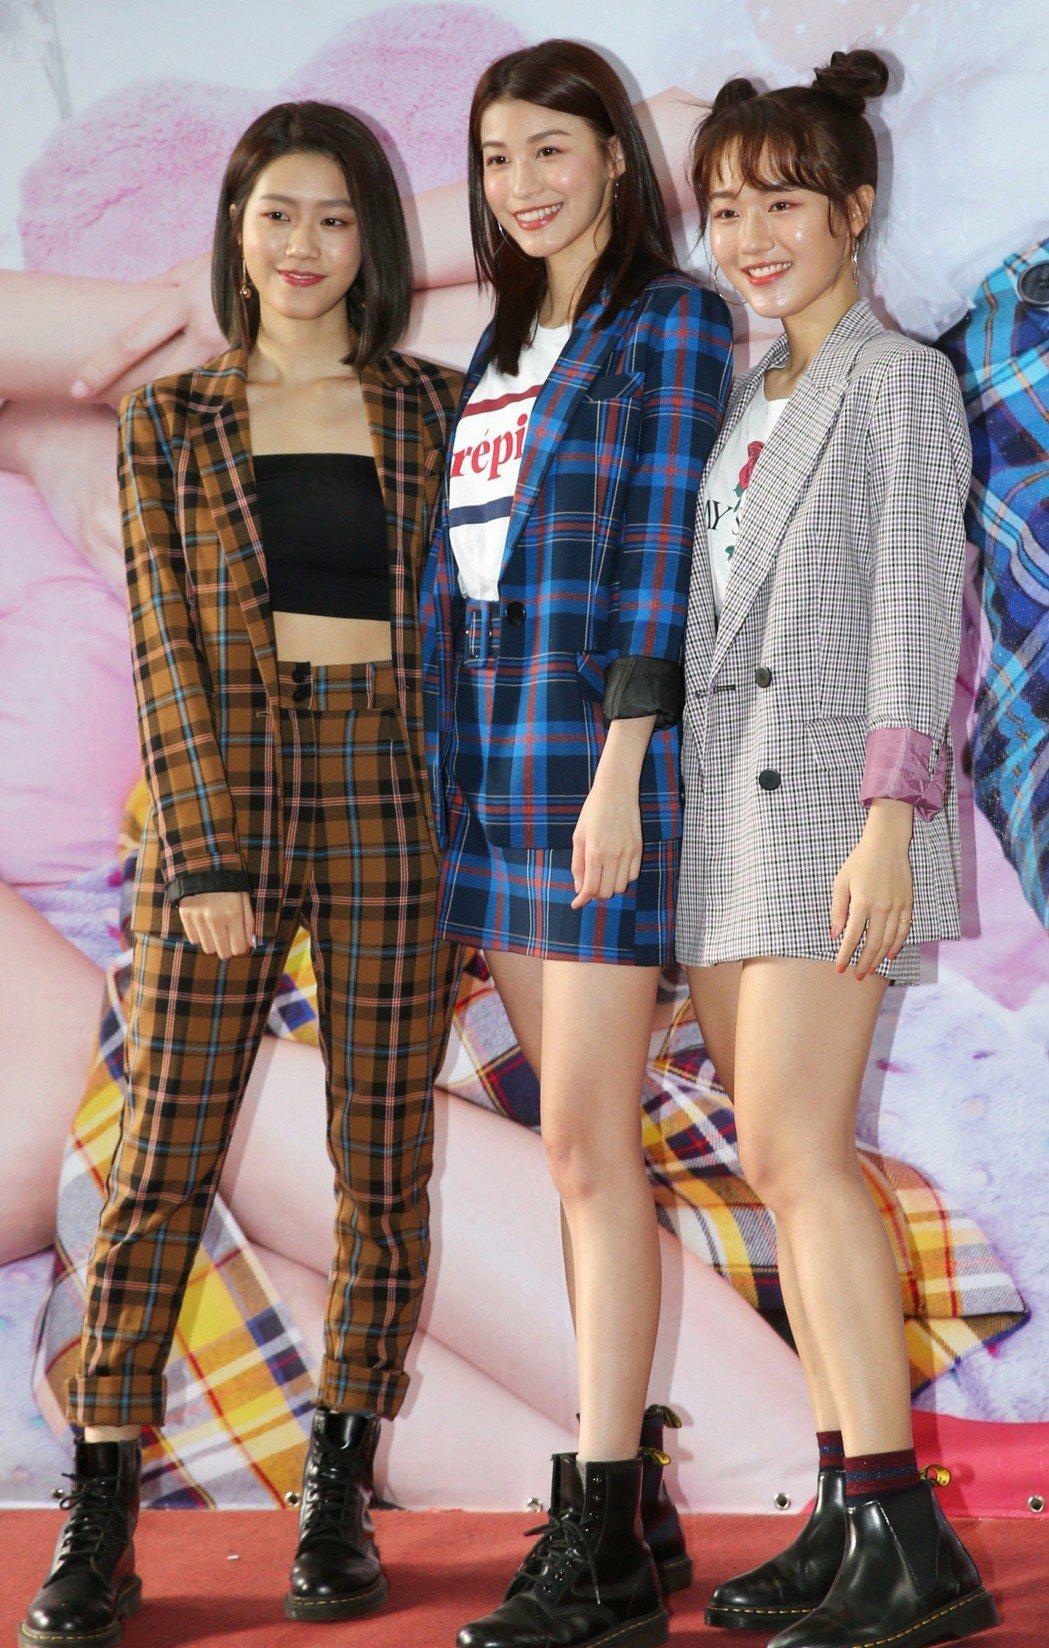 由Tina亭蘭(左起)、Fion孫睿及Una妤涵3位女孩組成的「ALL-RANG...